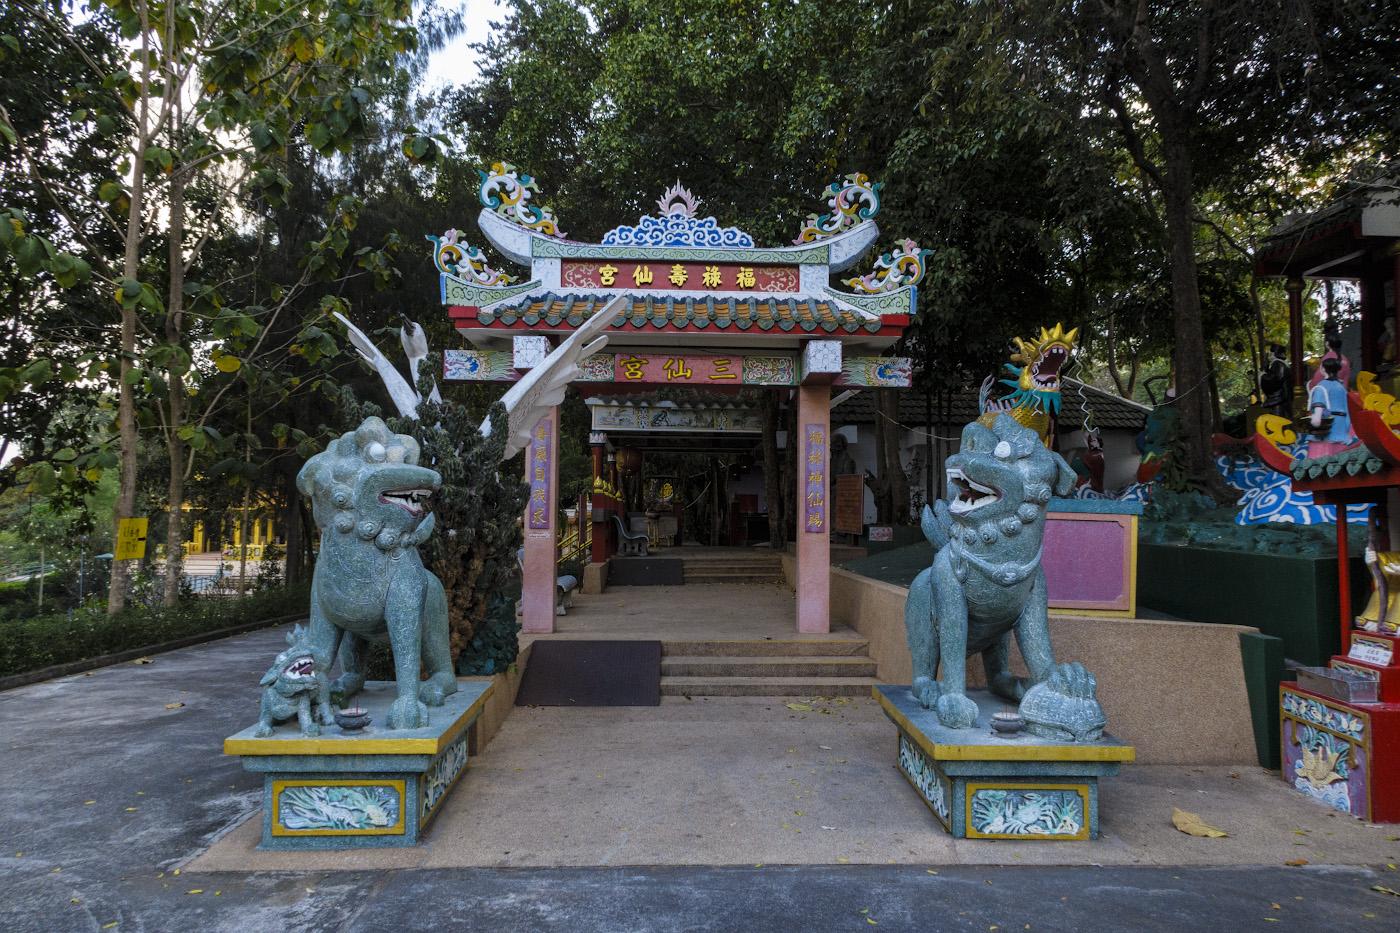 Снимок 38. Китайские львы в парке Ванг СамСьенг (Wang Sam Sien), что рядом с Большим Буддой. Как мы поднимались на холм Пратамнак в Паттайе. 1/60, -0.33, 8.0, 500, 8.8.